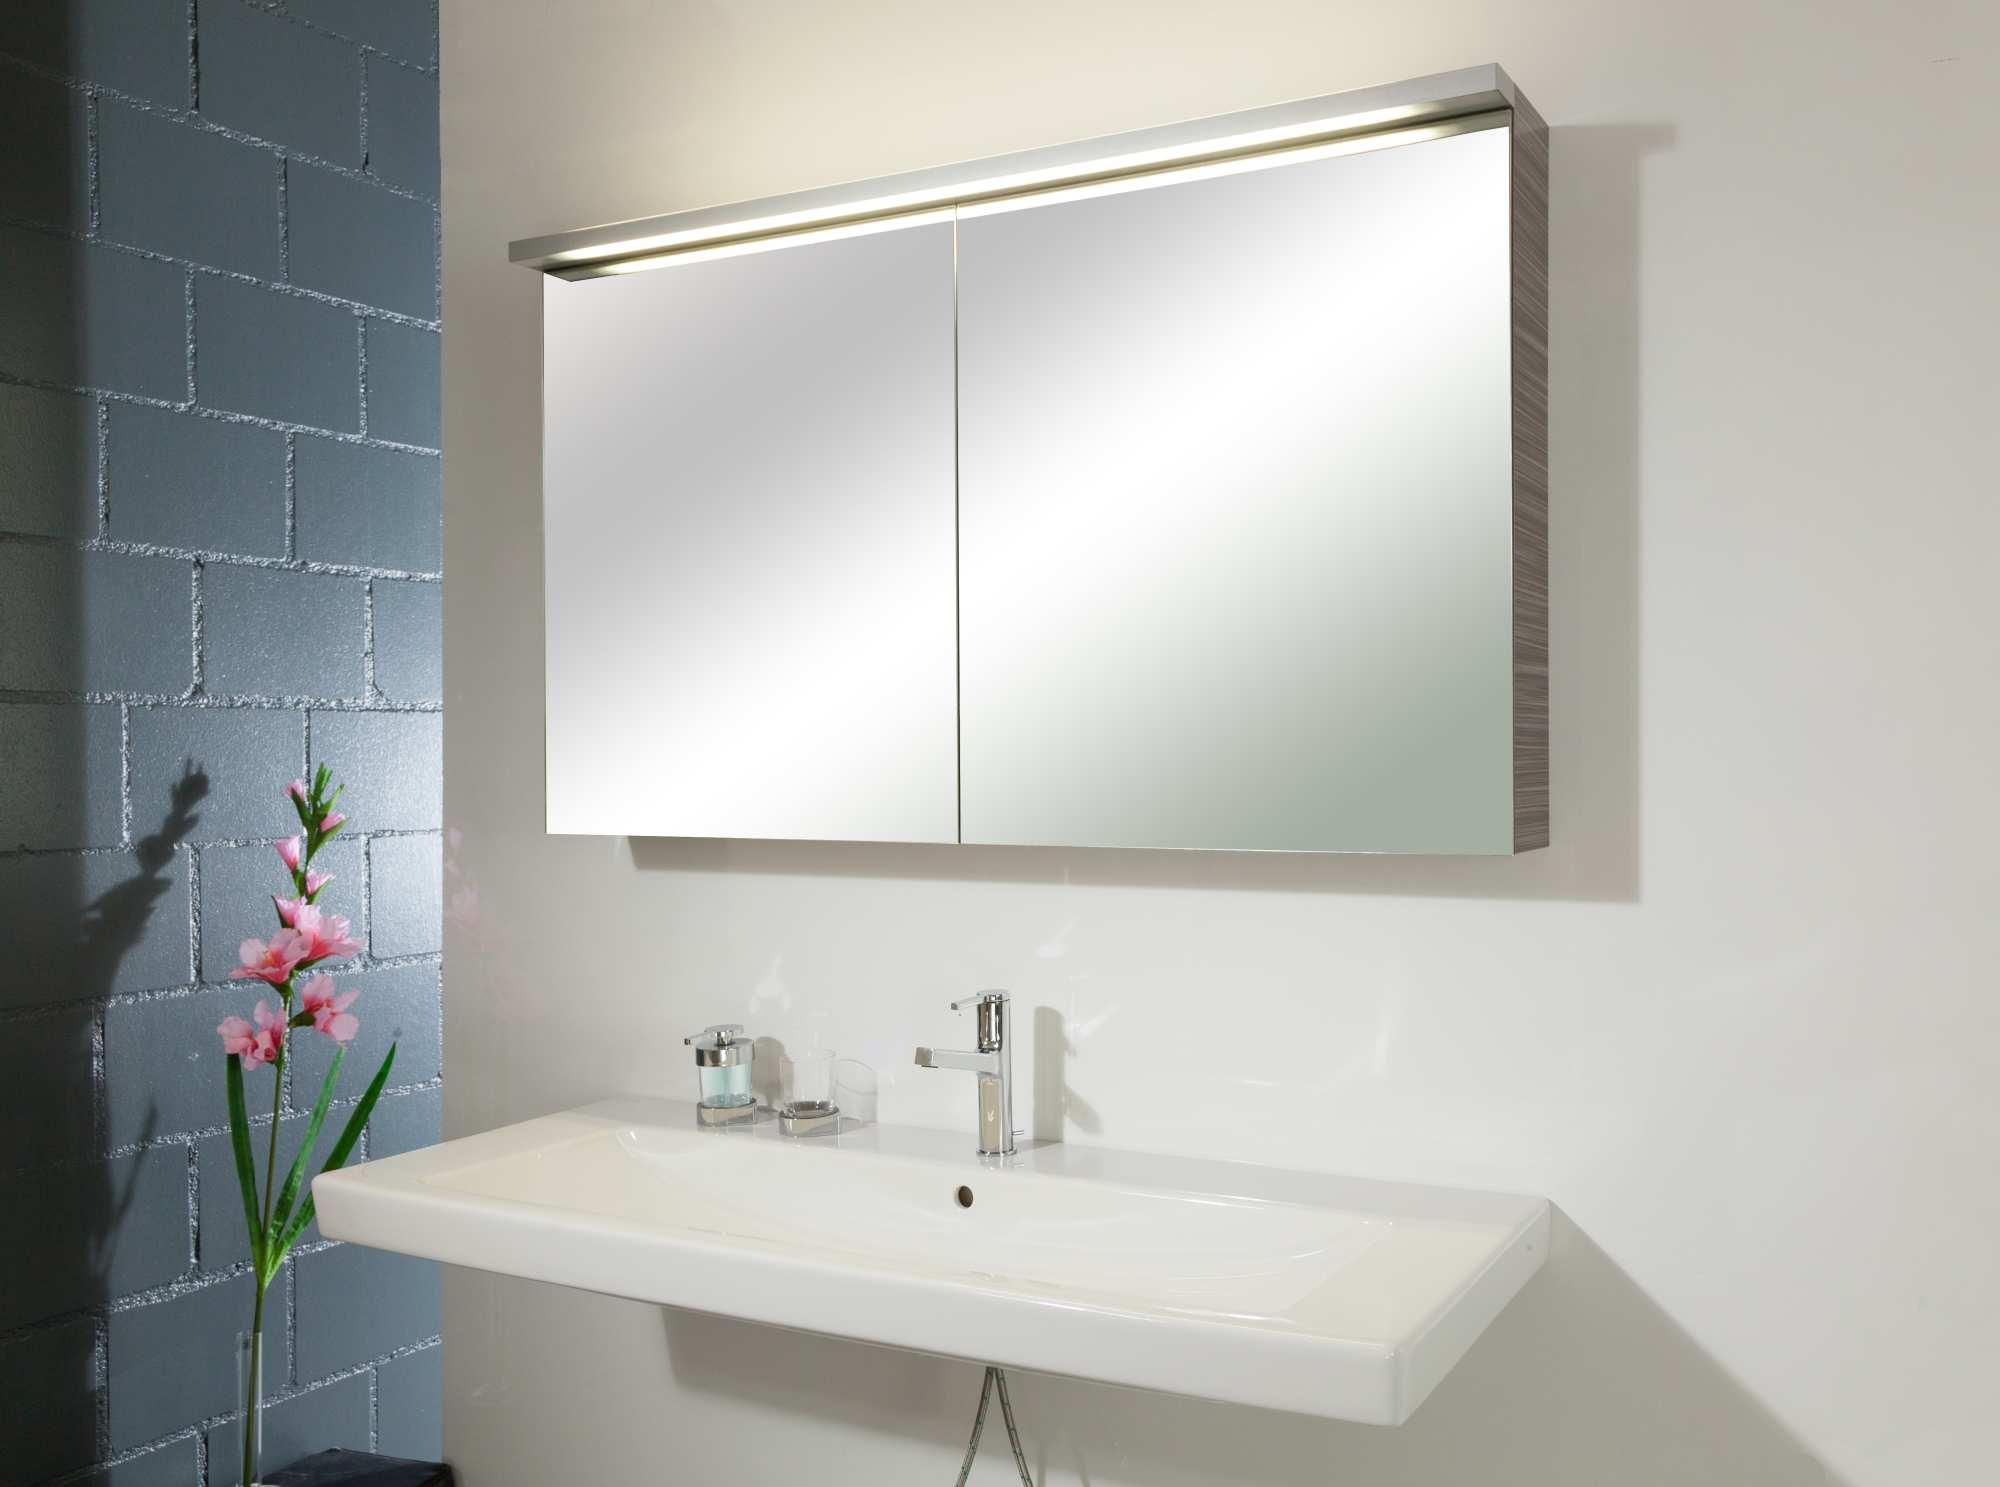 spiegelschr nke combo badm bel von froidevaux f r ihr bad. Black Bedroom Furniture Sets. Home Design Ideas